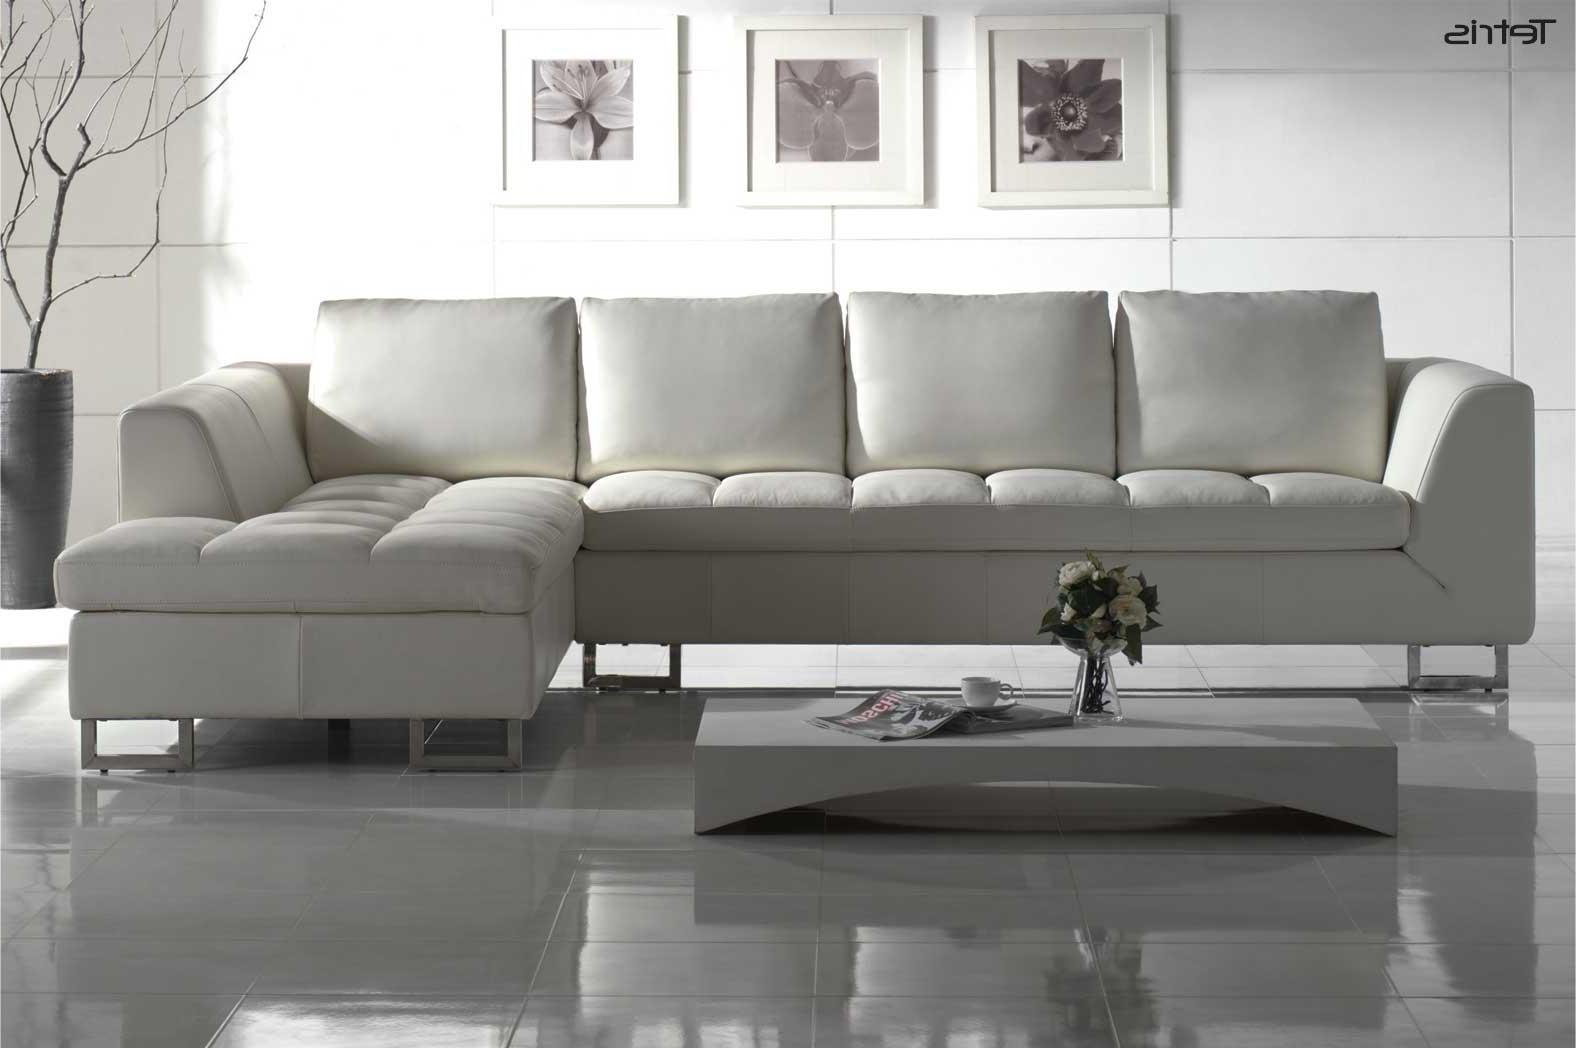 White Leather Sofas With Regard To Fashionable White Leather Contemporary Sofa : Best Leather Contemporary Sofa (View 15 of 15)